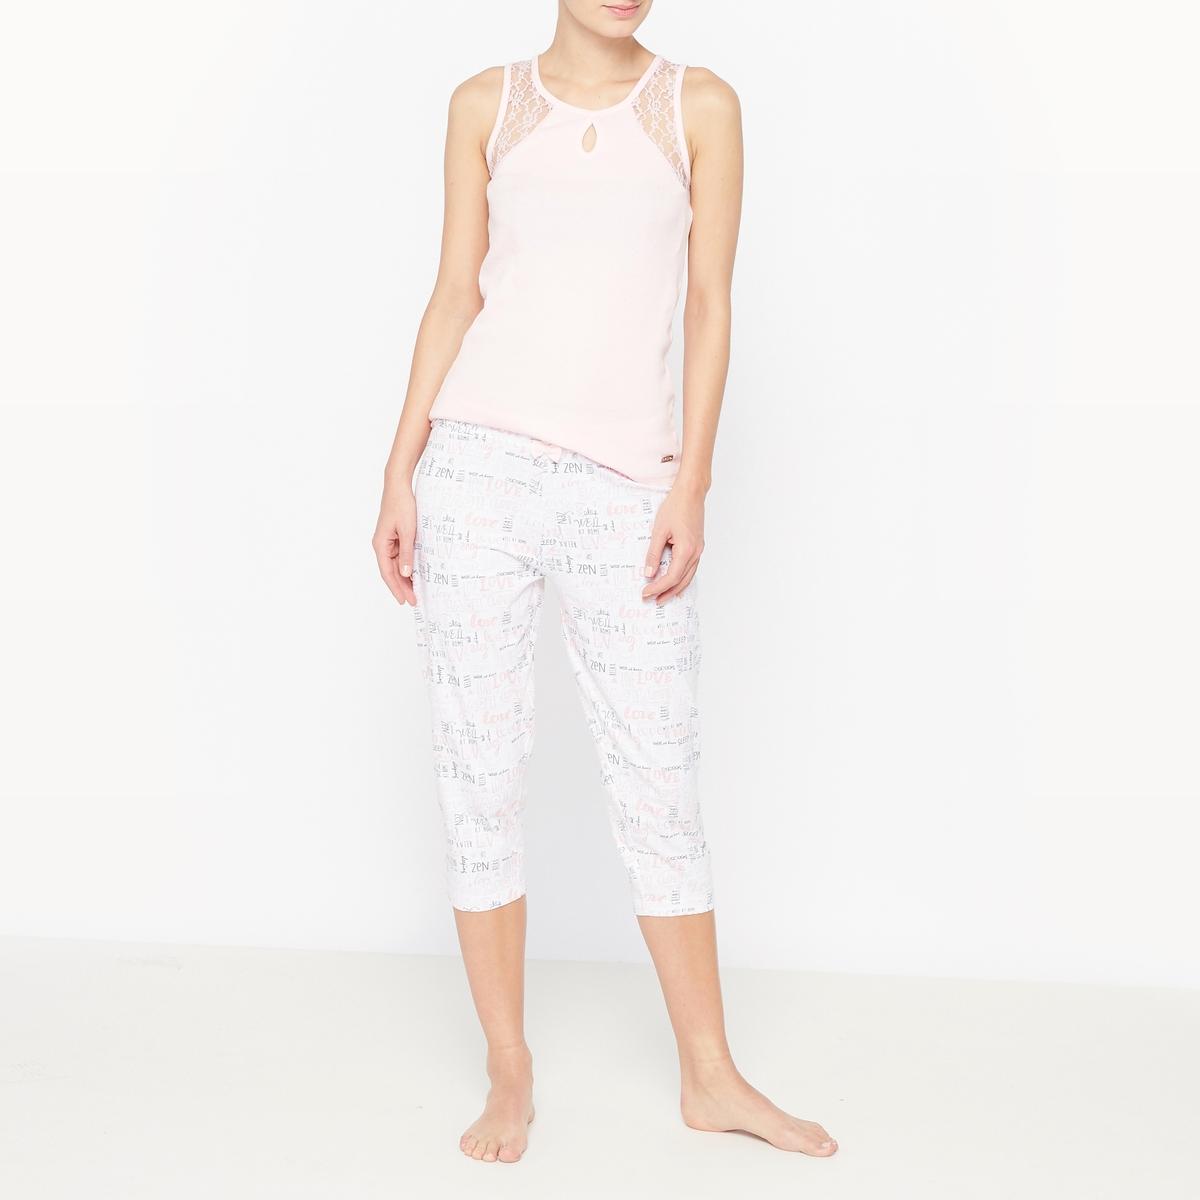 Пижама с короткими брюками из хлопка Po?meСостав и описание :Материал : 100% хлопокМарка : Dodo Уход :Машинная стирка при 30 °C с вещами схожих цветов<br><br>Цвет: розовый<br>Размер: XL